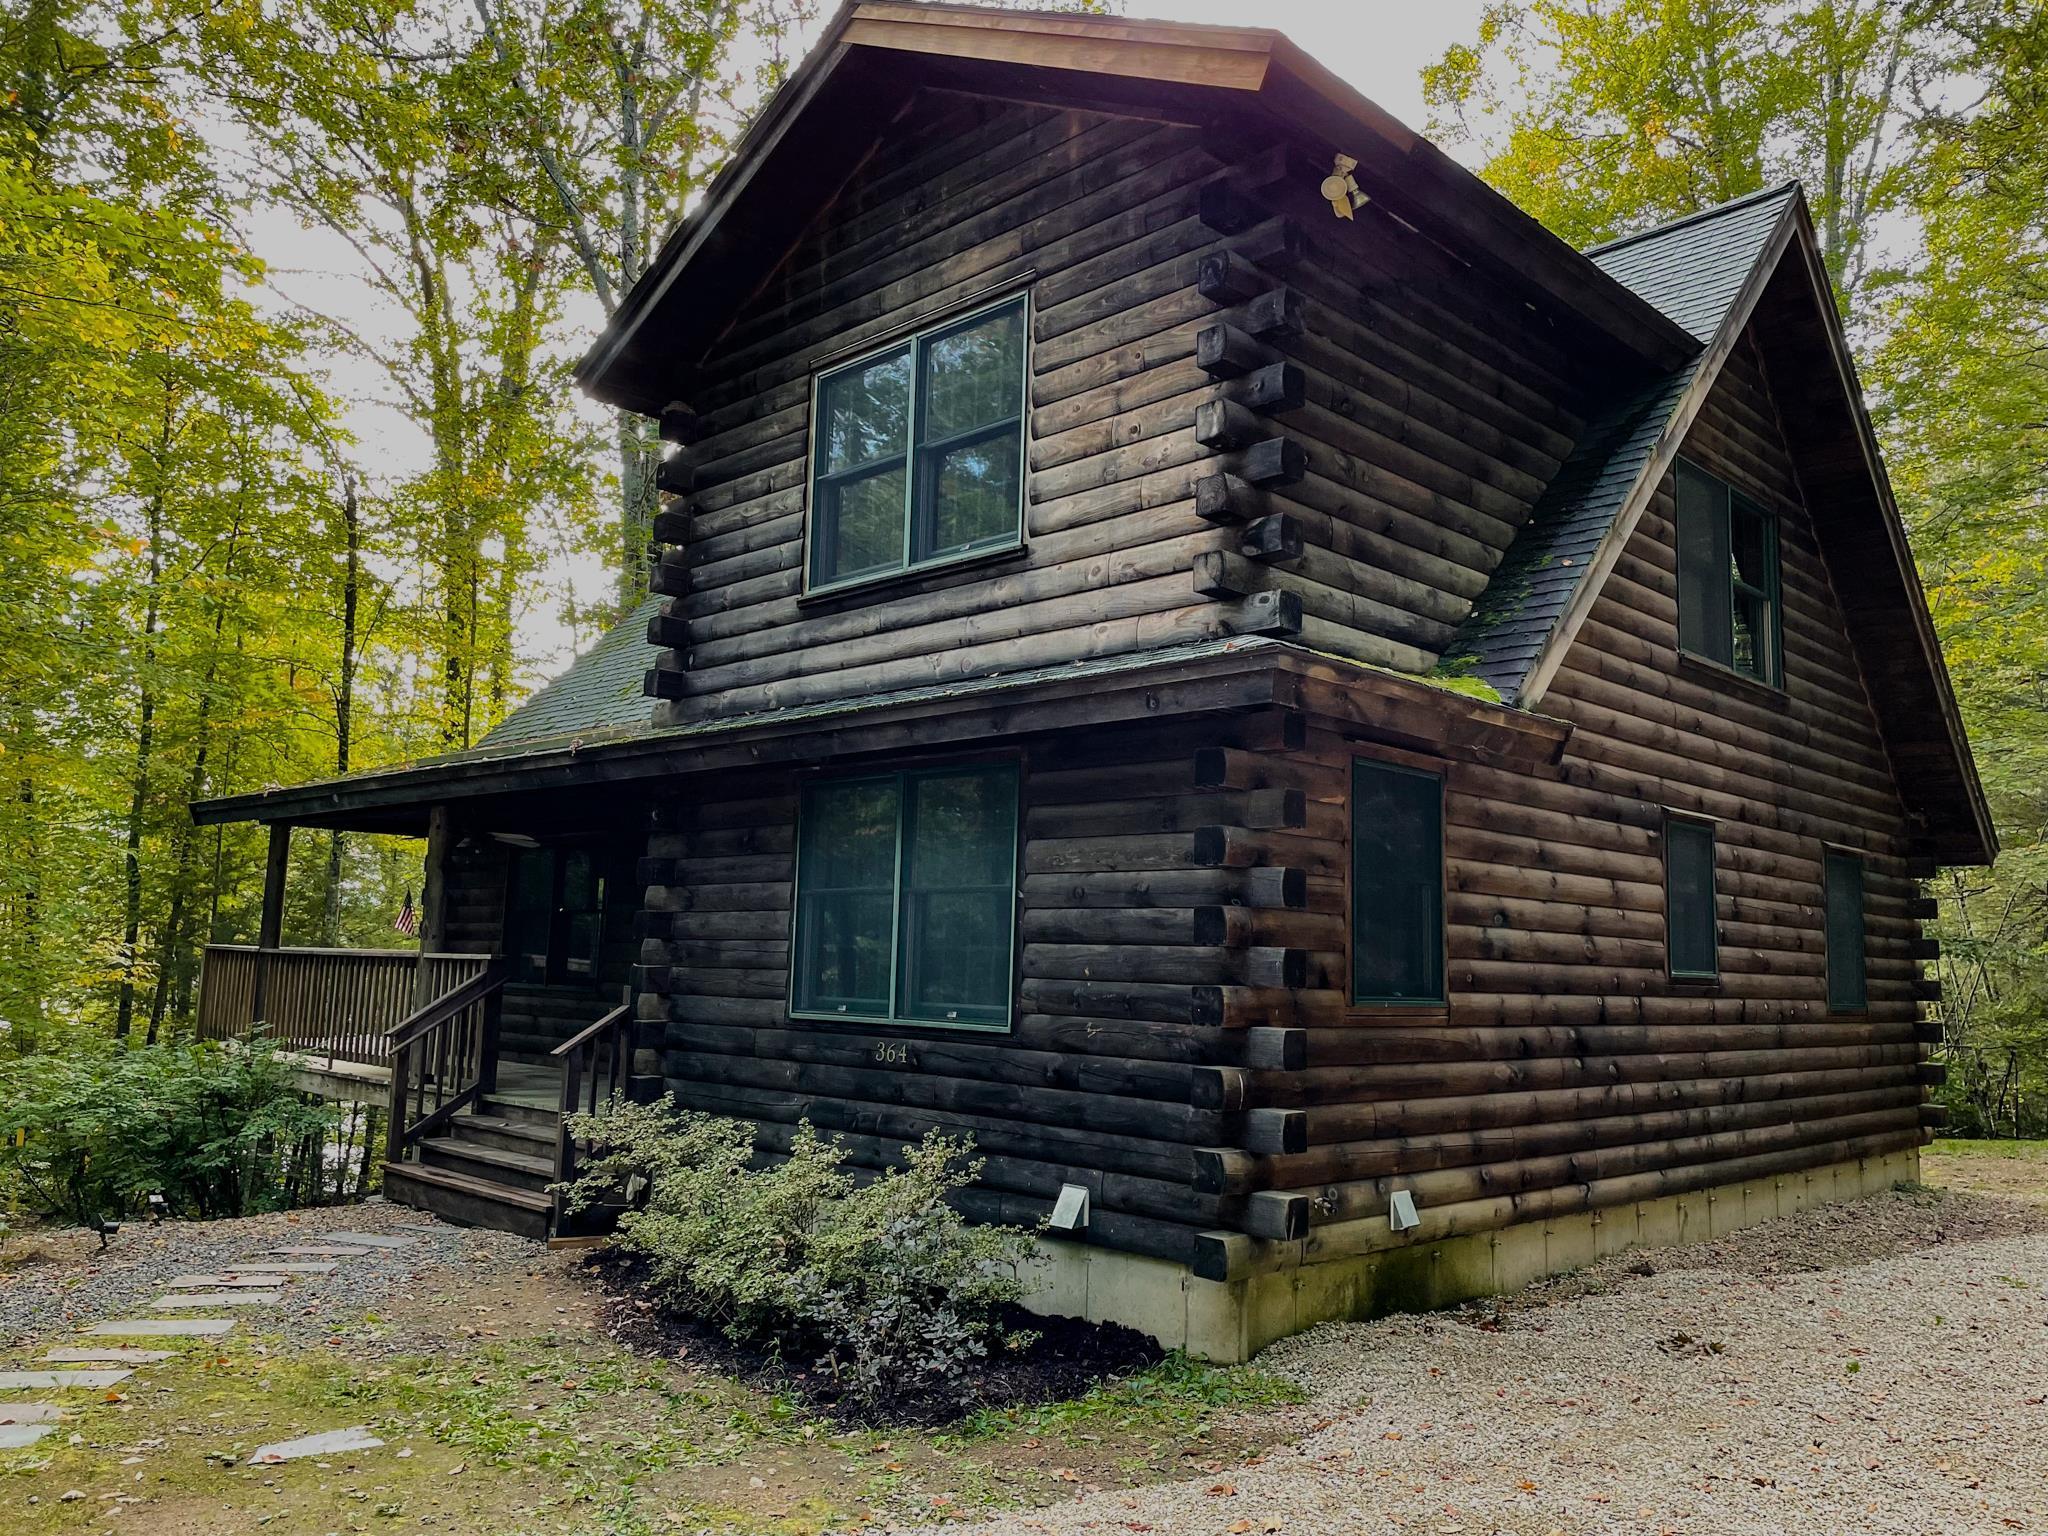 Photo of 364 Holiday Lake Shore Drive Barrington NH 03825